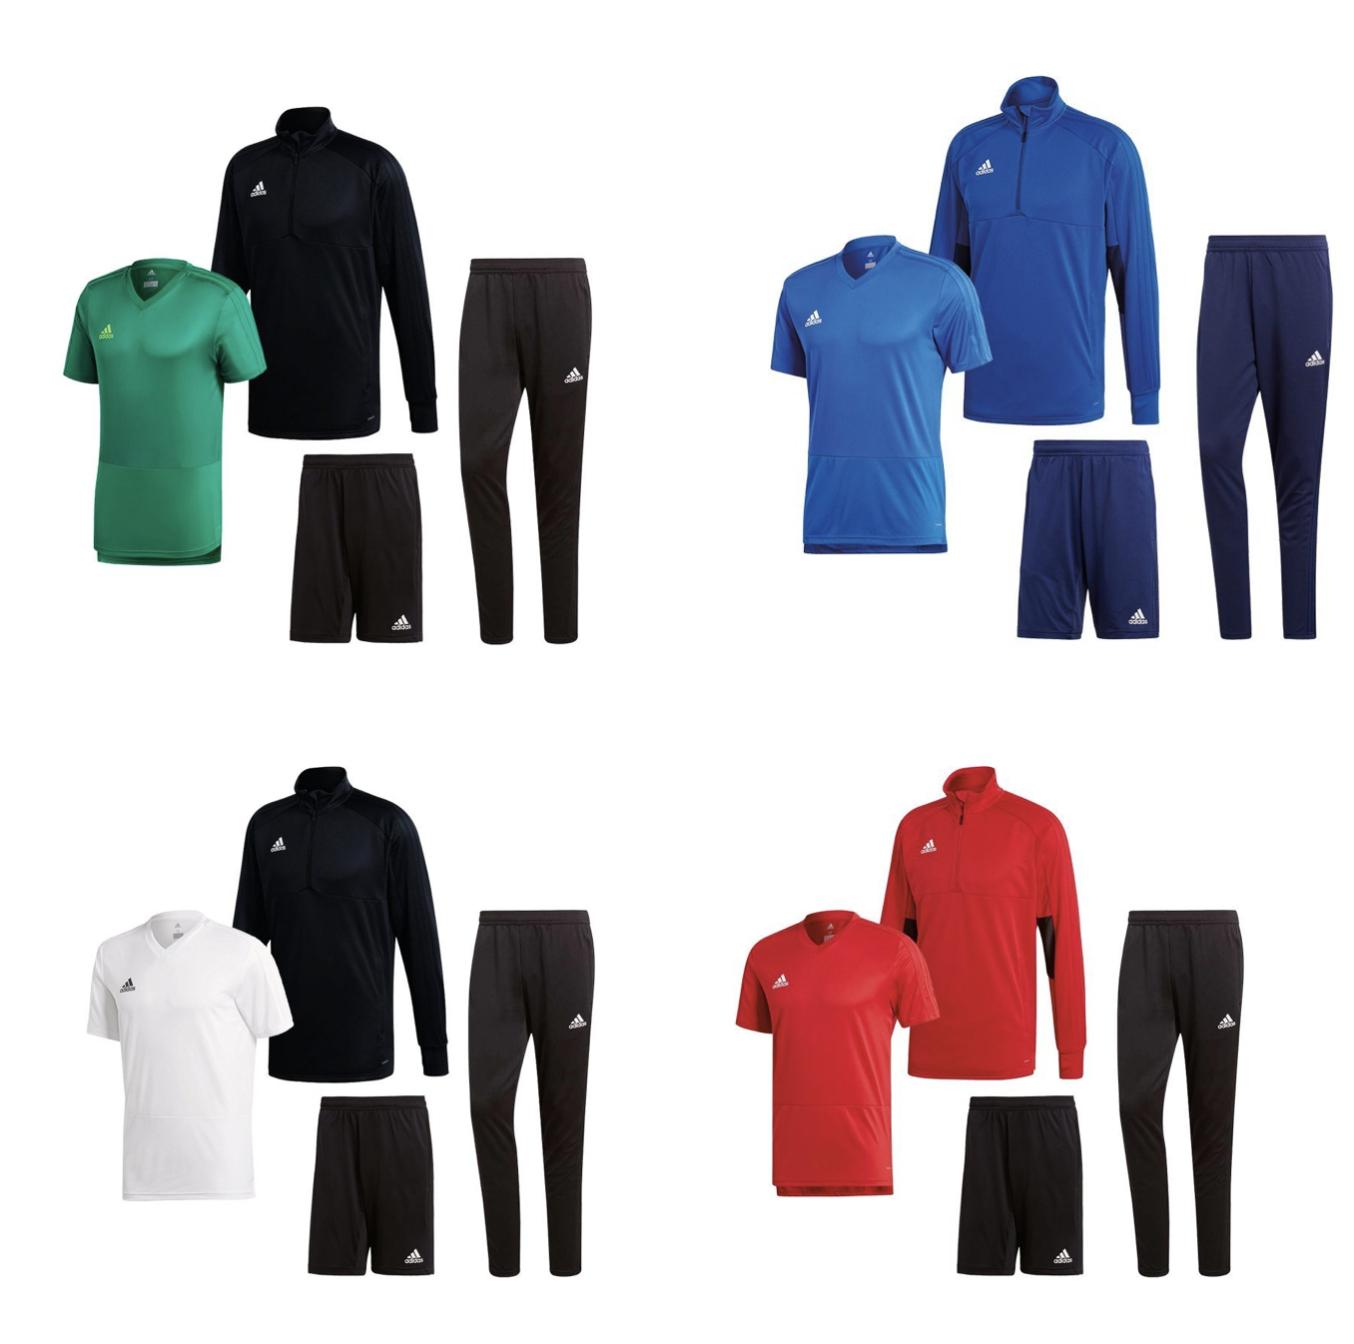 Adidas Condivo 18 Trainingspaket 4 Teilig in verschiedenen Farben, auch für Kids